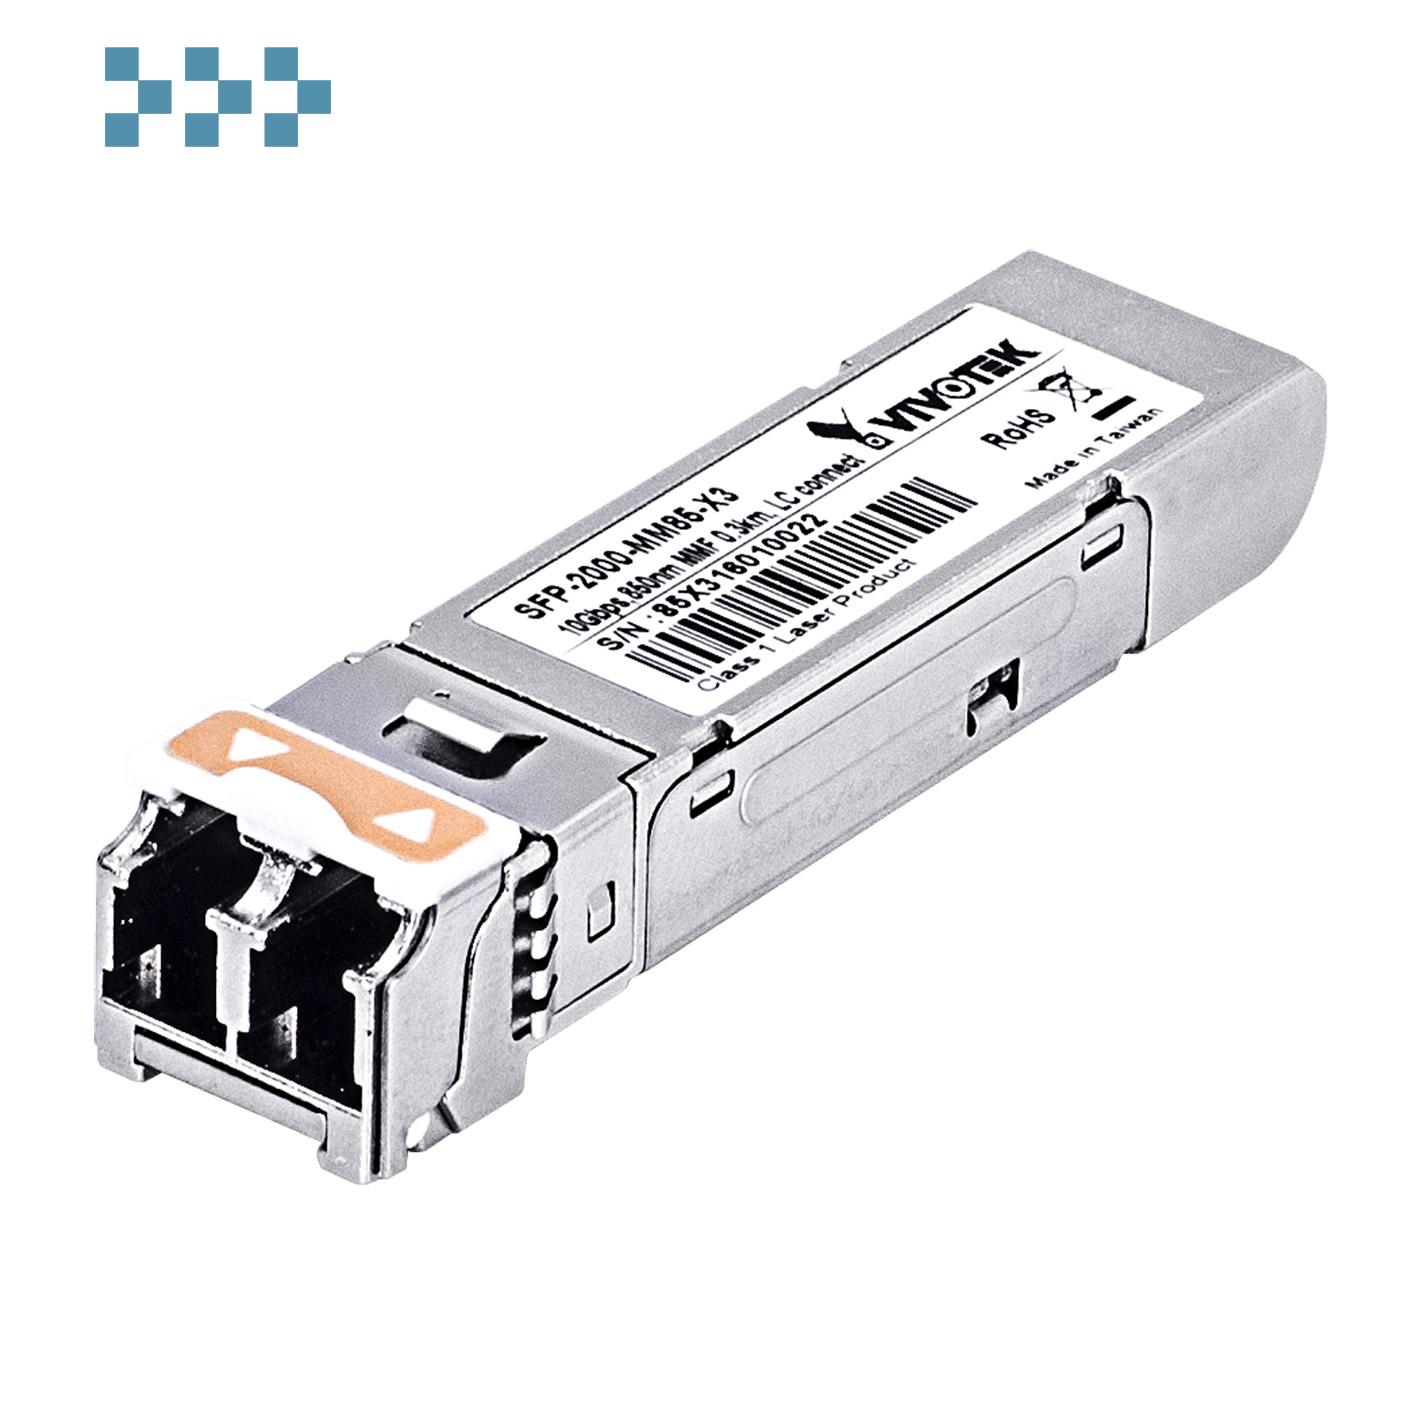 SFP-трансивер VIVOTEK SFP-2000-MM85-X3